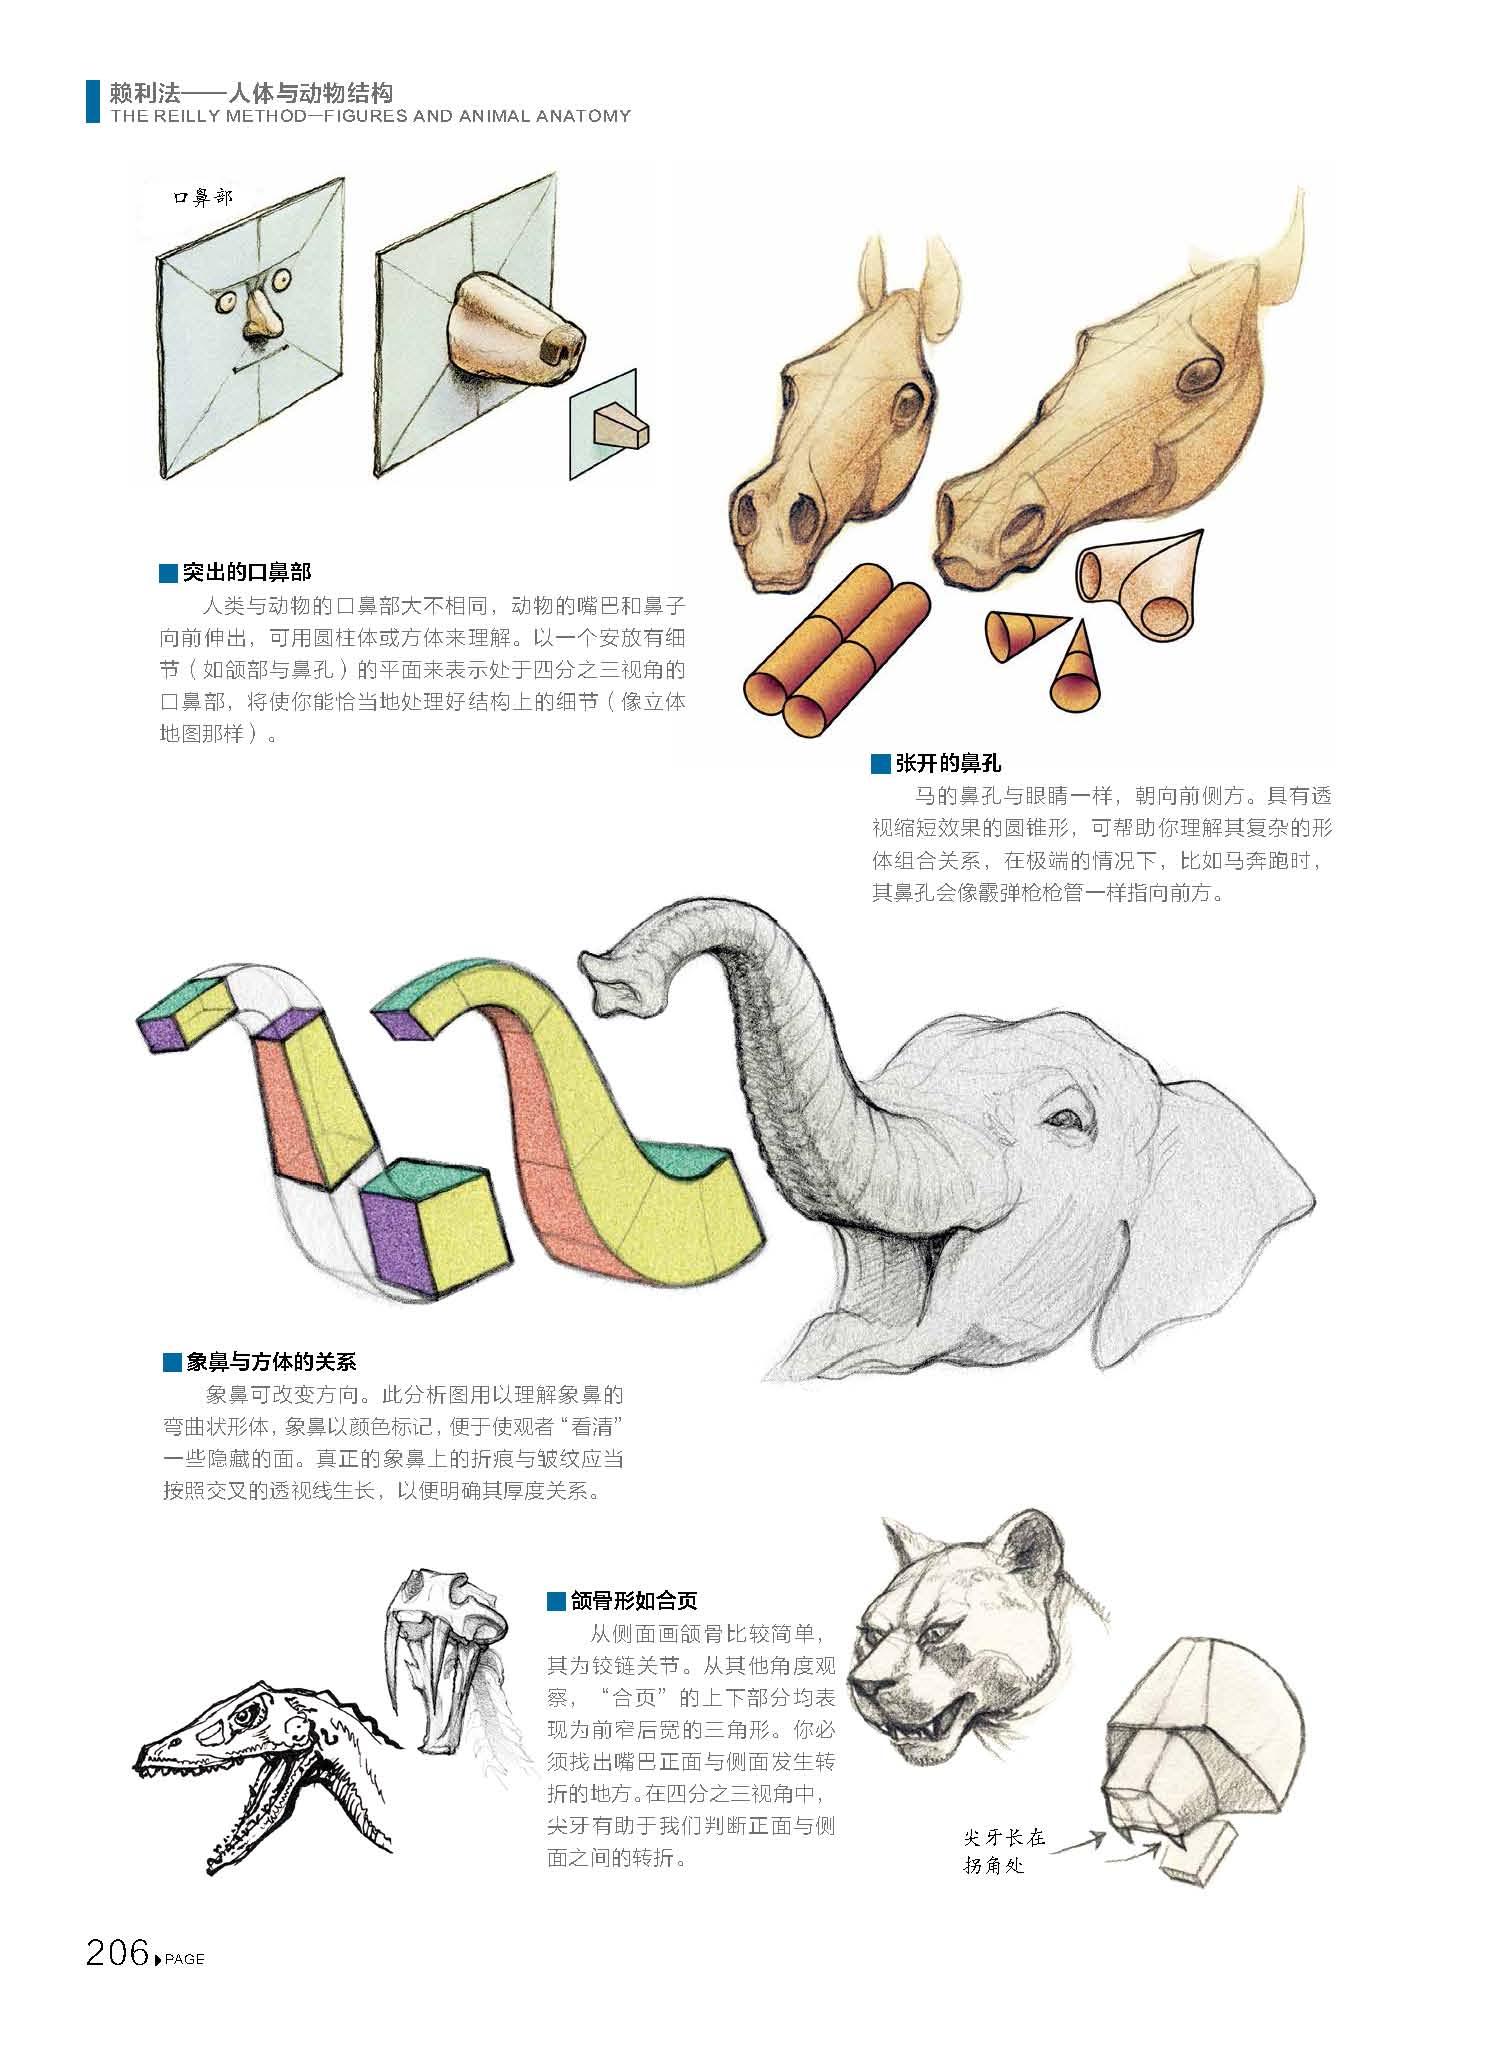 賴利法人體與動物結構 貴哥全新譯作運動中的人體動物結構骨骼肌肉解剖人體畫創作臨摹教材人體動物結構繪畫素描技法教學基礎教程